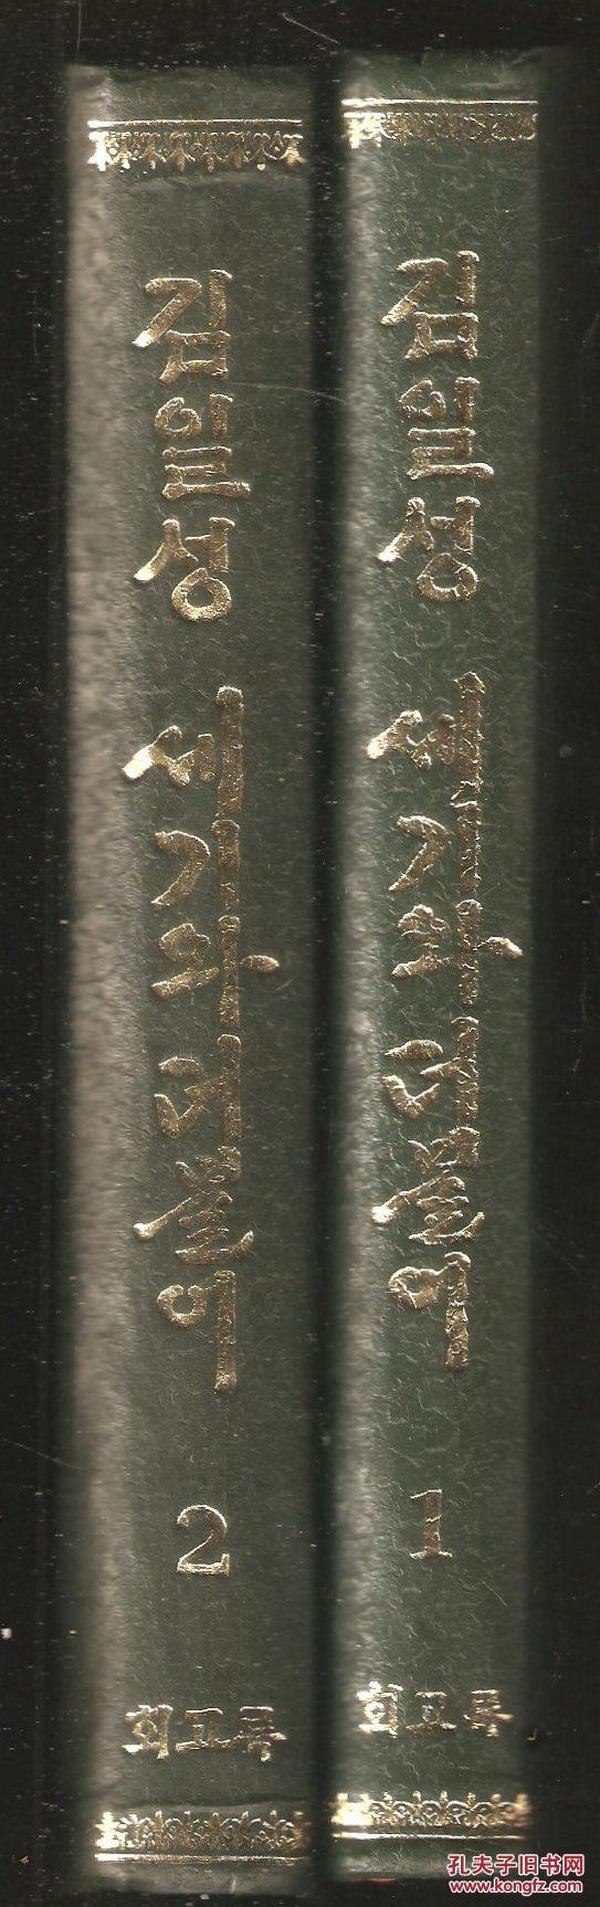 김일성세기와 더불어(朝鲜文原版书)